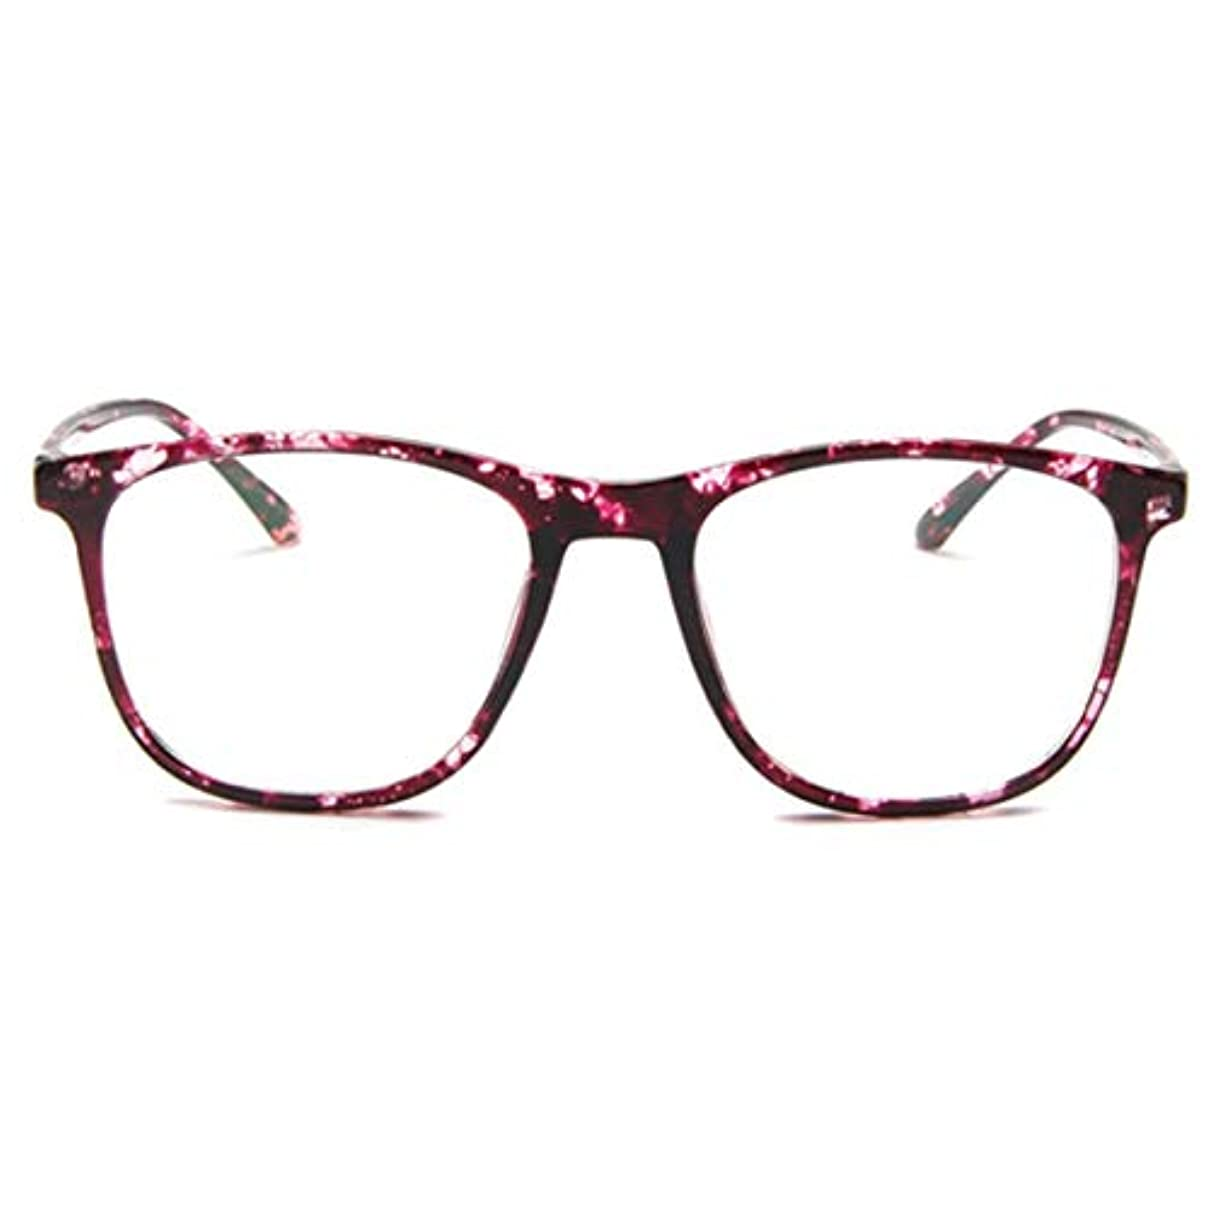 ビクター愛情深い留め金韓国の学生のプレーンメガネ男性と女性のファッションメガネフレーム近視メガネフレームファッショナブルなシンプルなメガネ-パープル